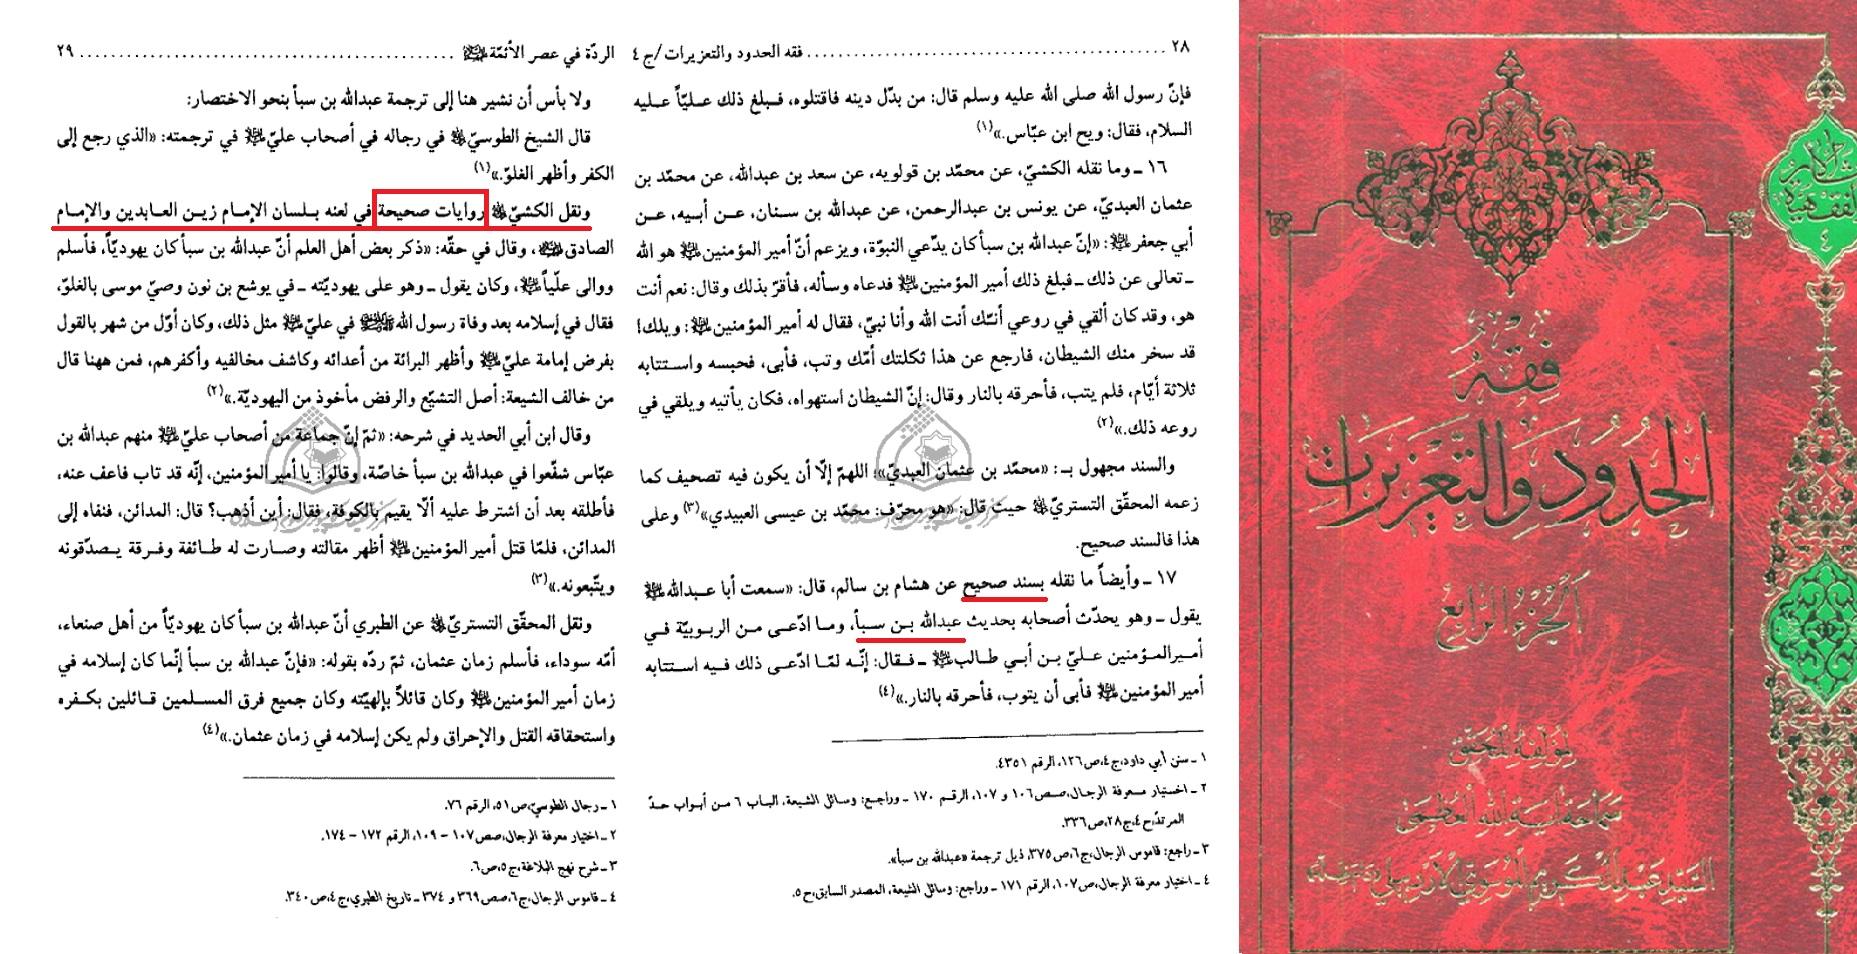 الاســـم:سند صحيح من كتب الشيعة.jpg المشاهدات: 2840 الحجـــم:603.3 كيلوبايت